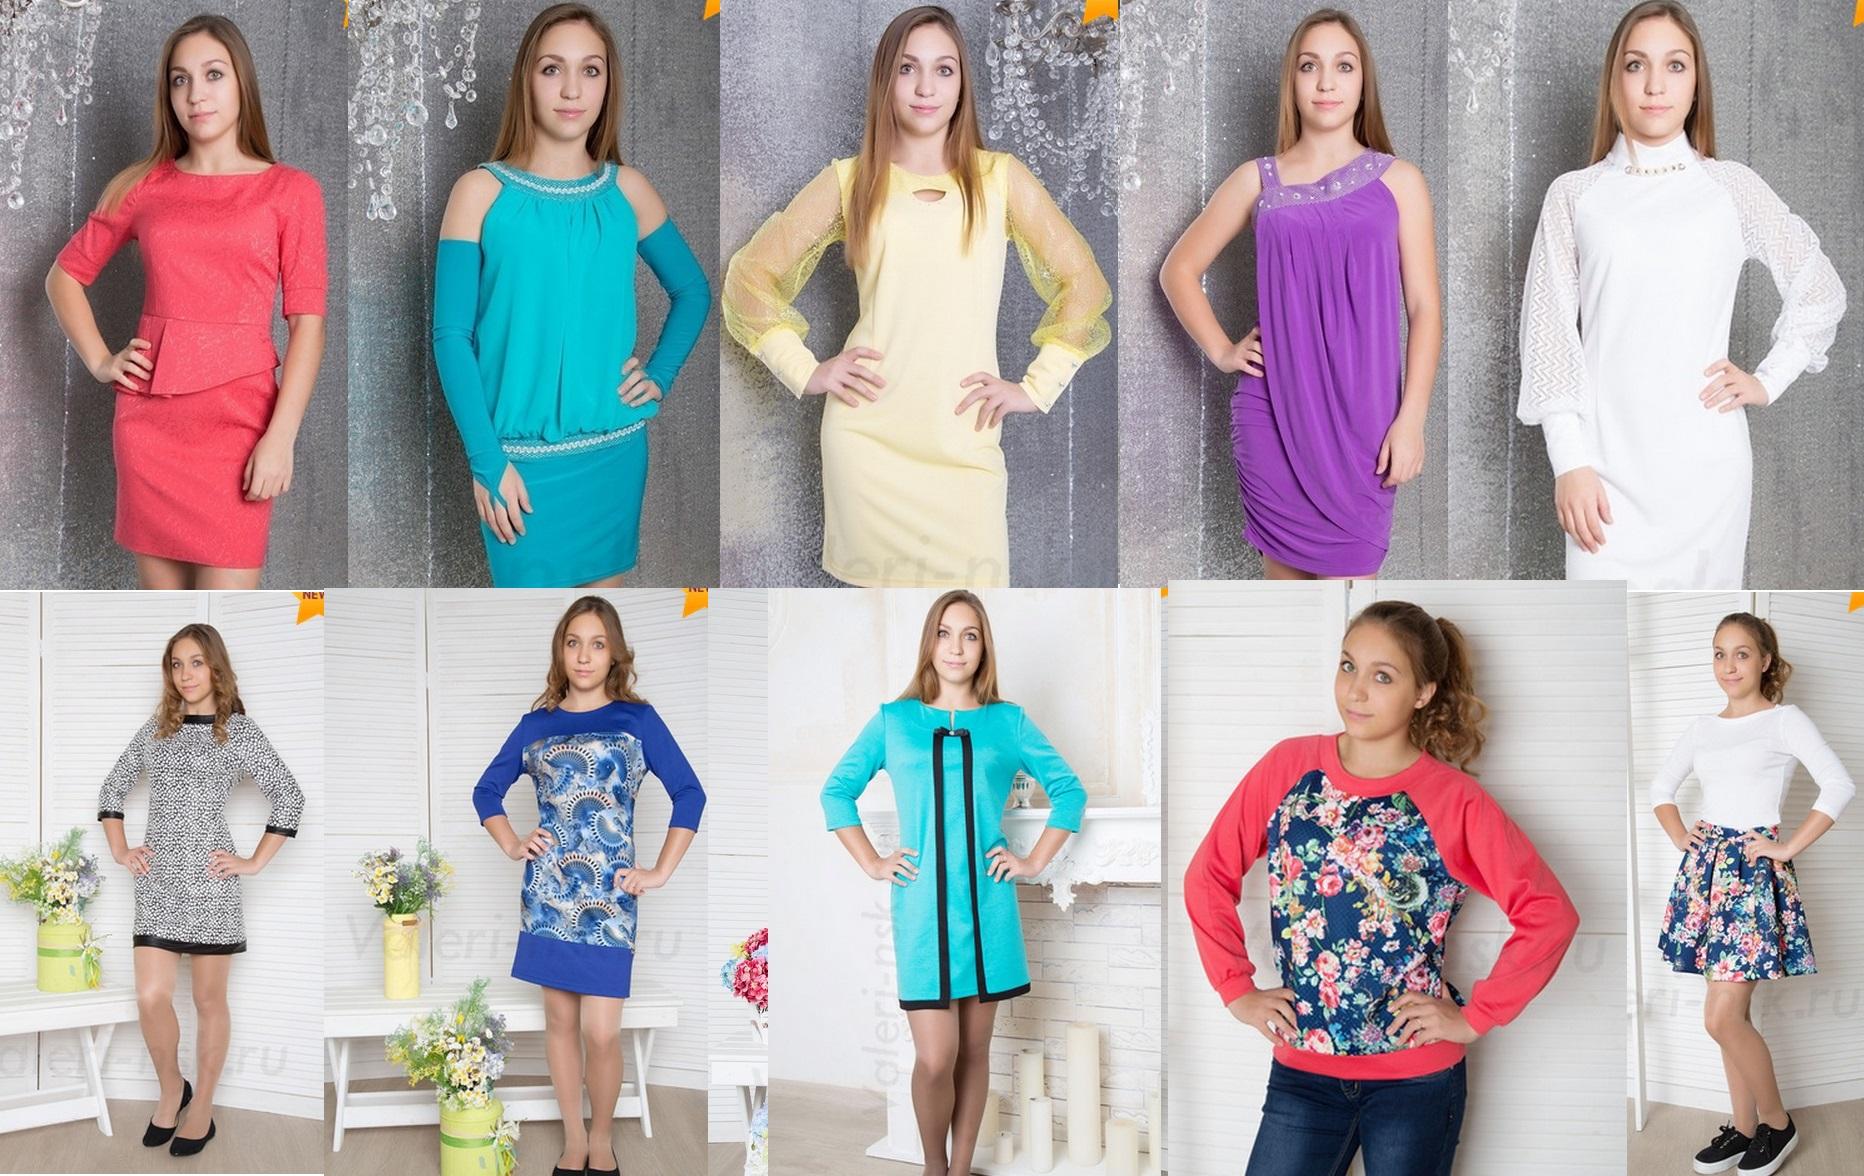 Новогодние платья - для самых стильных и модных! Коллекция в стиле family look (семейном стиле) - для девочек и их мам. Повседневная одежда. Школа. Без рядов!